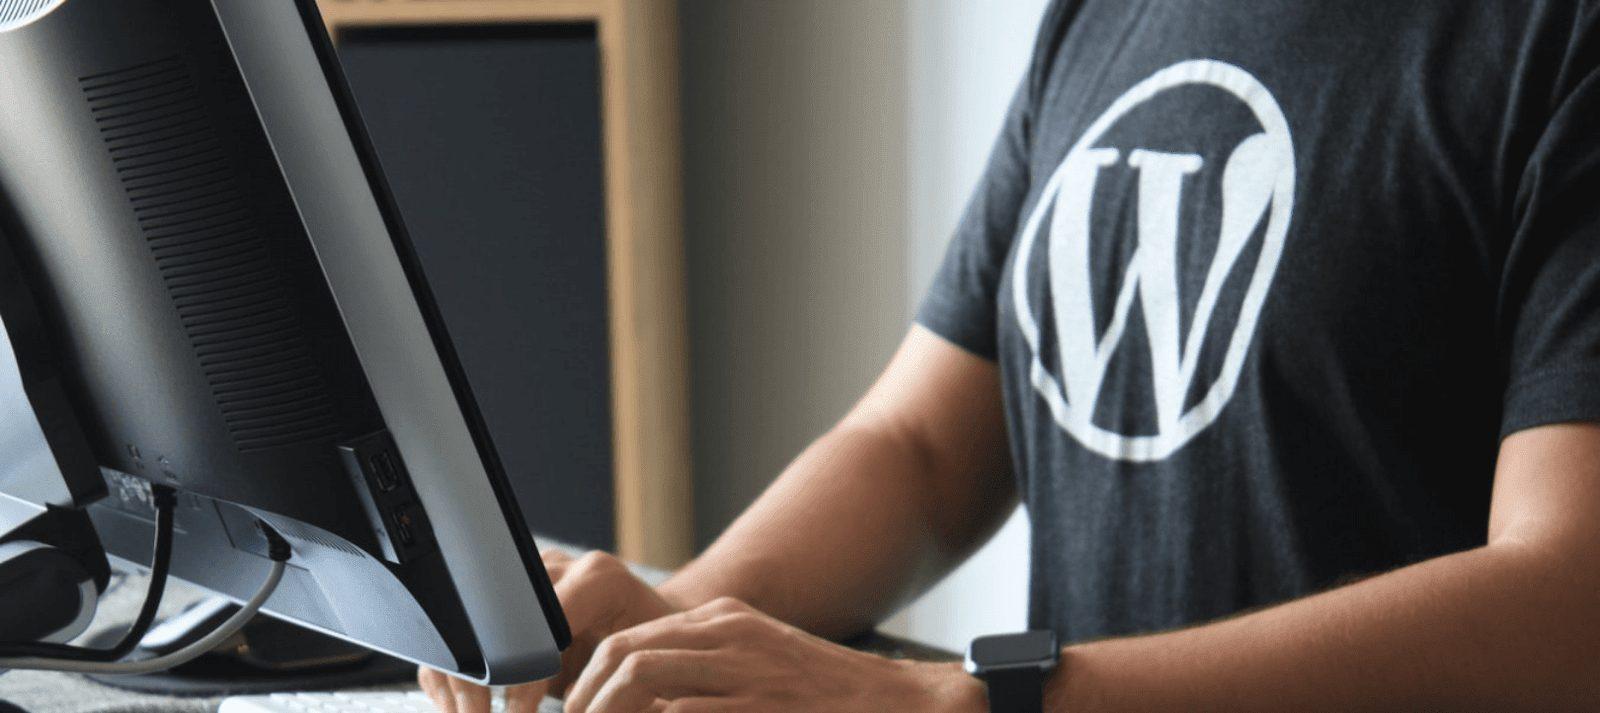 guy wearing shirt with WordPress logo